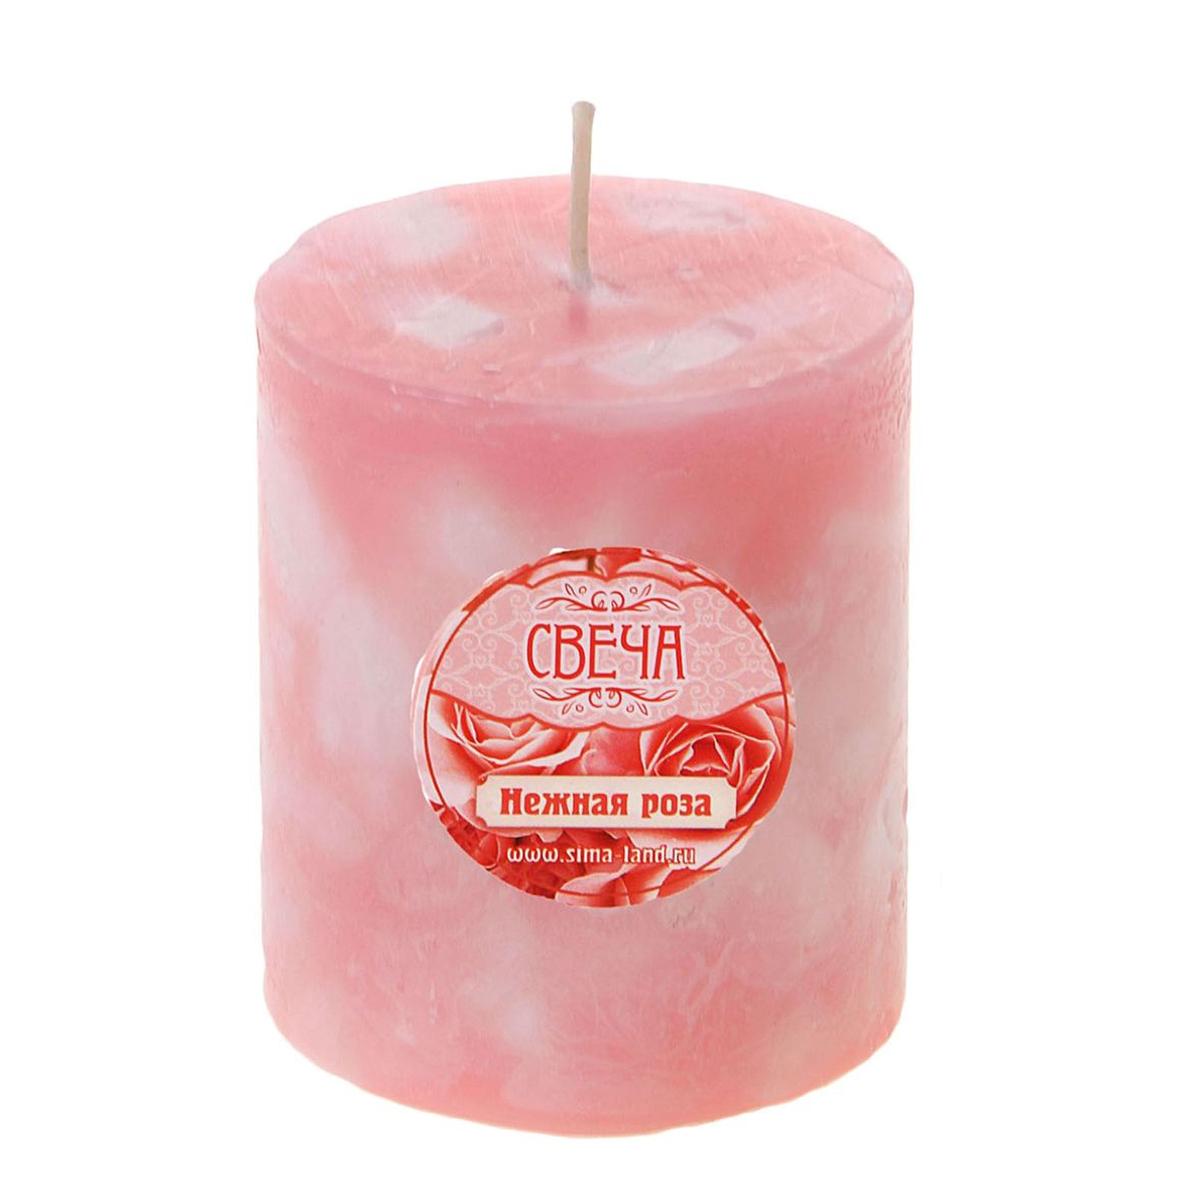 Свеча ароматизированная Sima-land Нежная роза, высота 7 см свеча ароматизированная sima land шиповник высота 7 5 см 907667